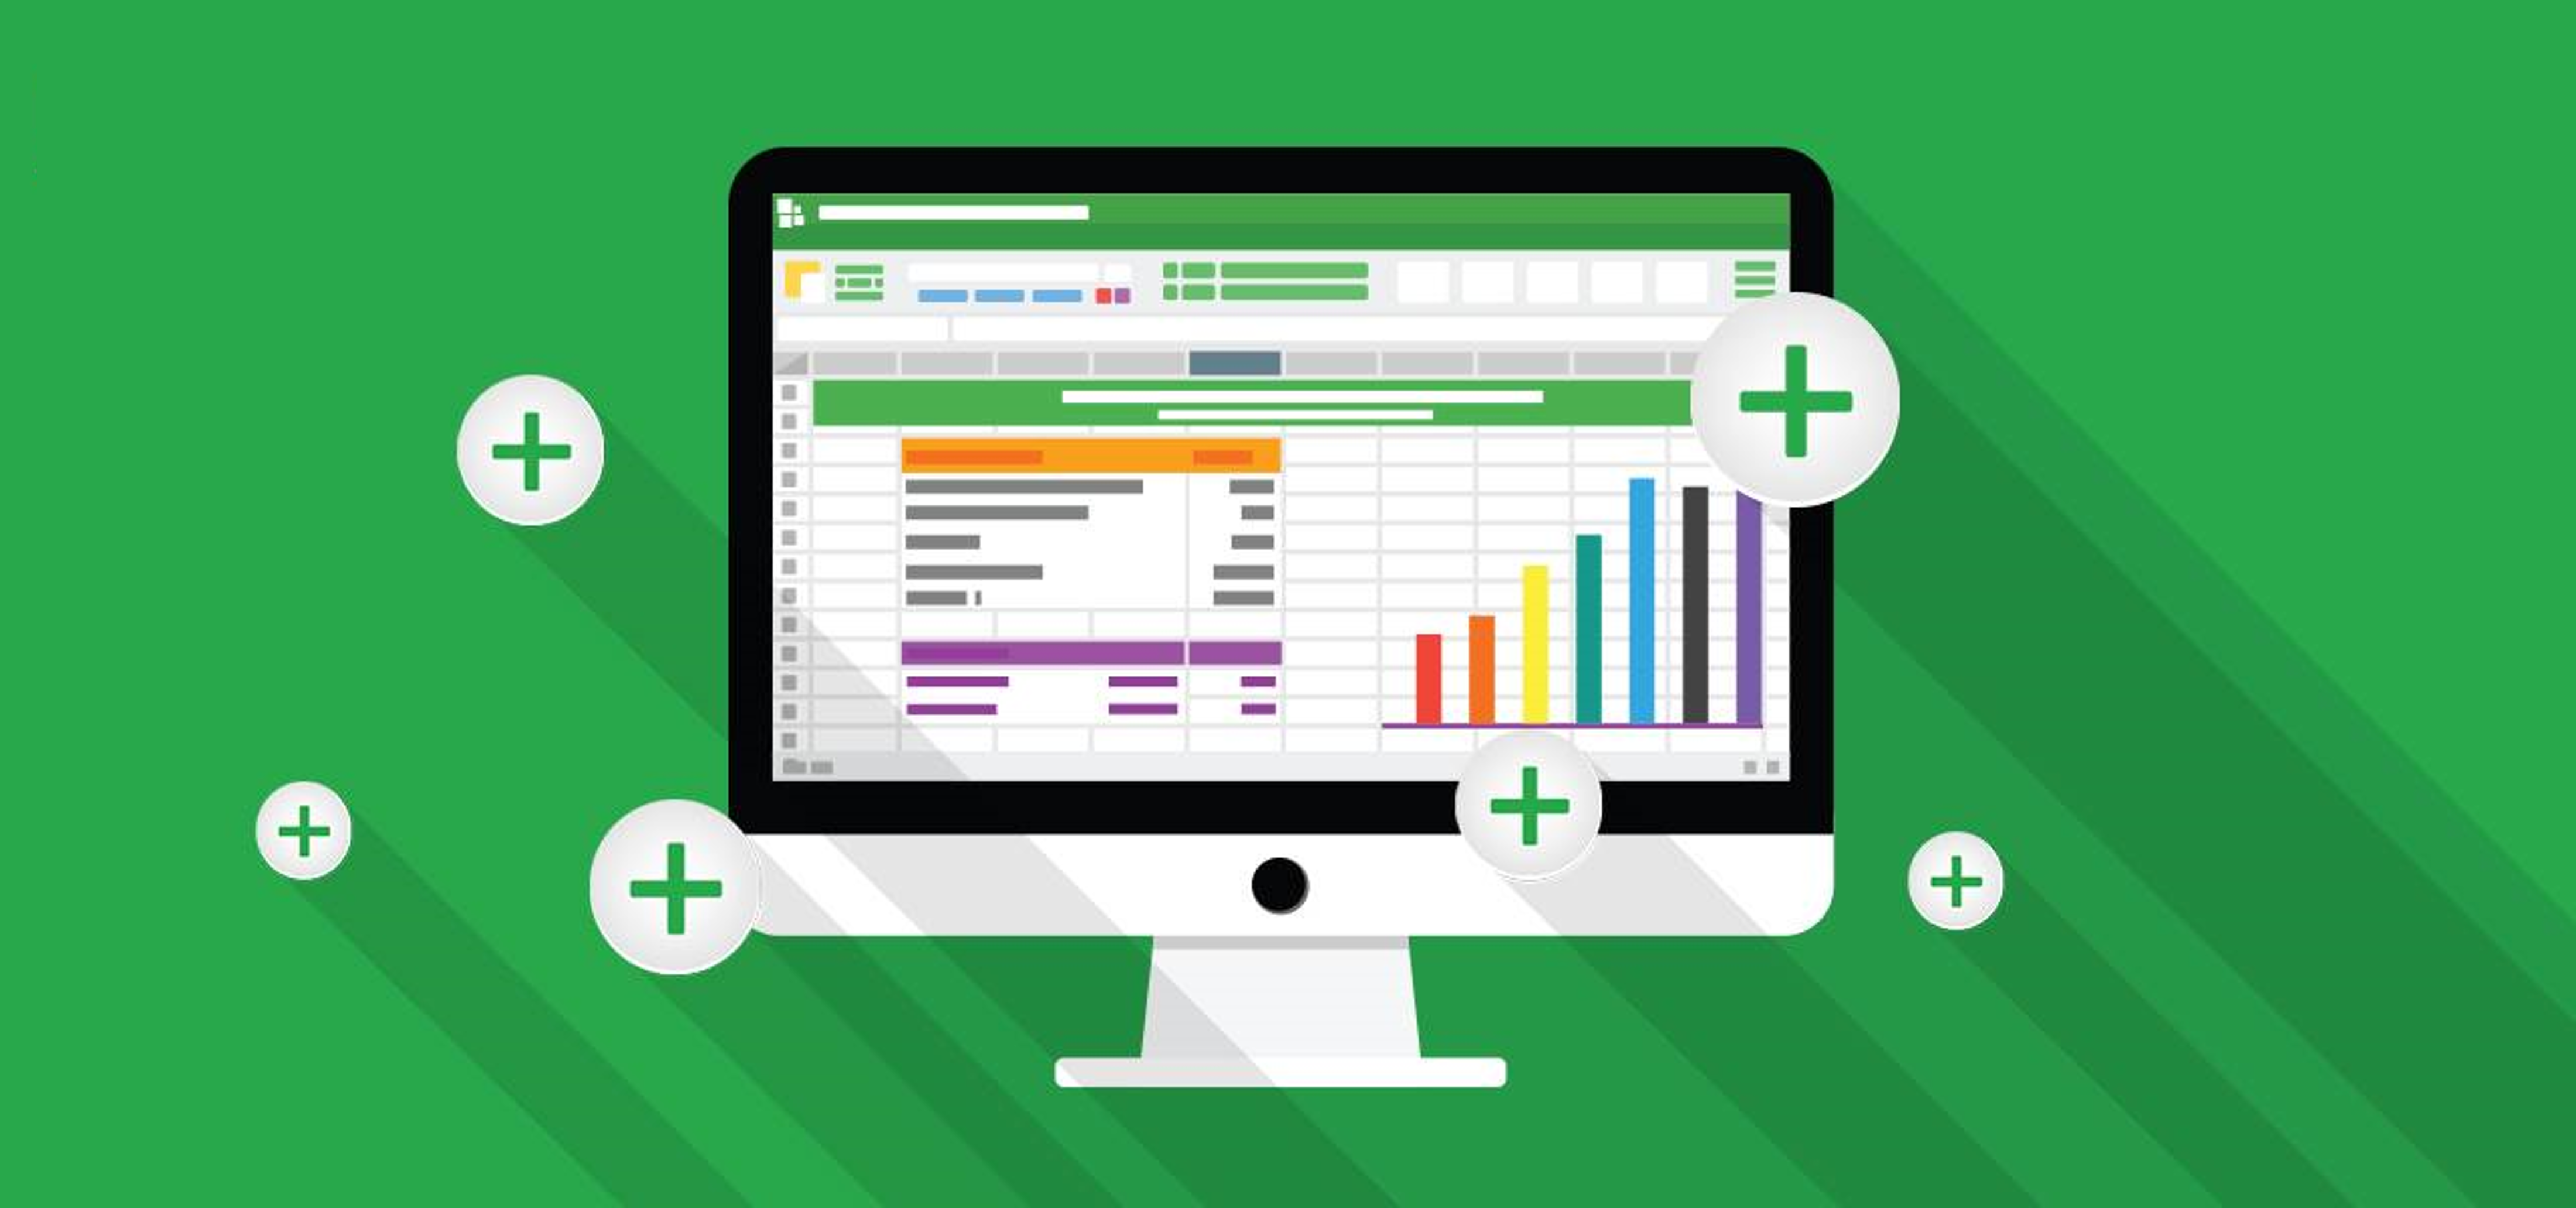 Função SE Excel: Confira o que é e exemplos aplicados